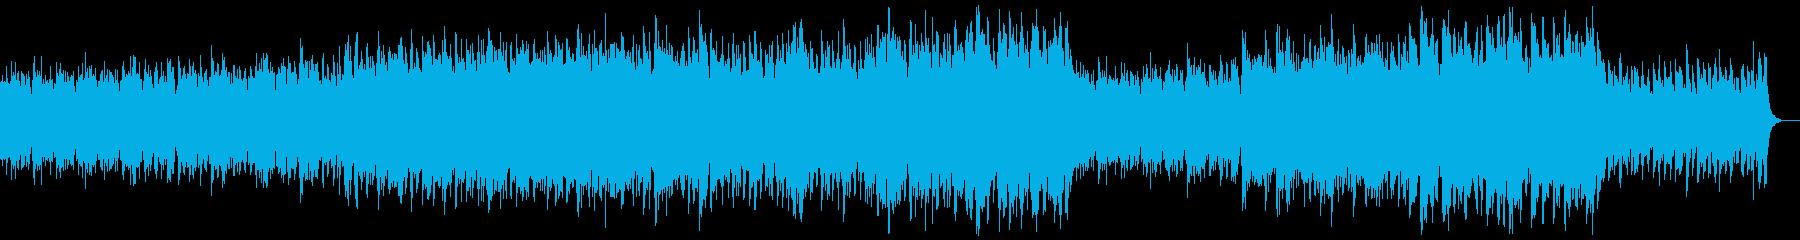 明るいケルト風オーケストラの再生済みの波形